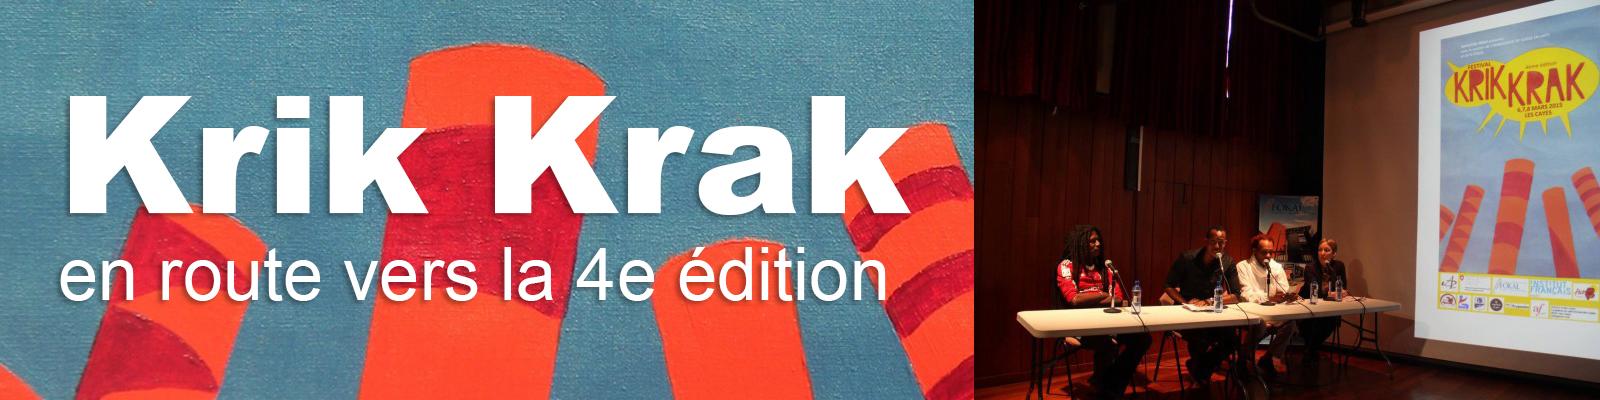 KrikKrak2_une